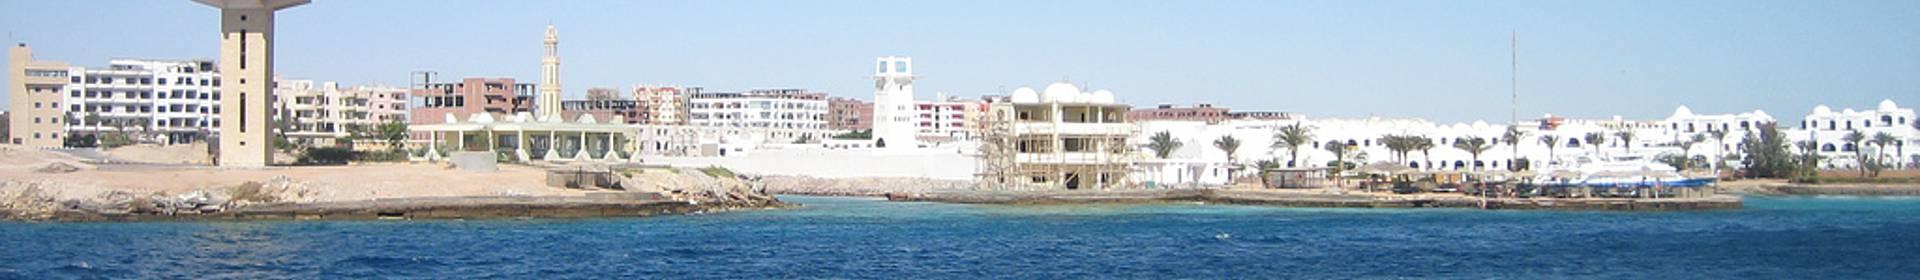 Côte Egyptienne de la Mer Rouge